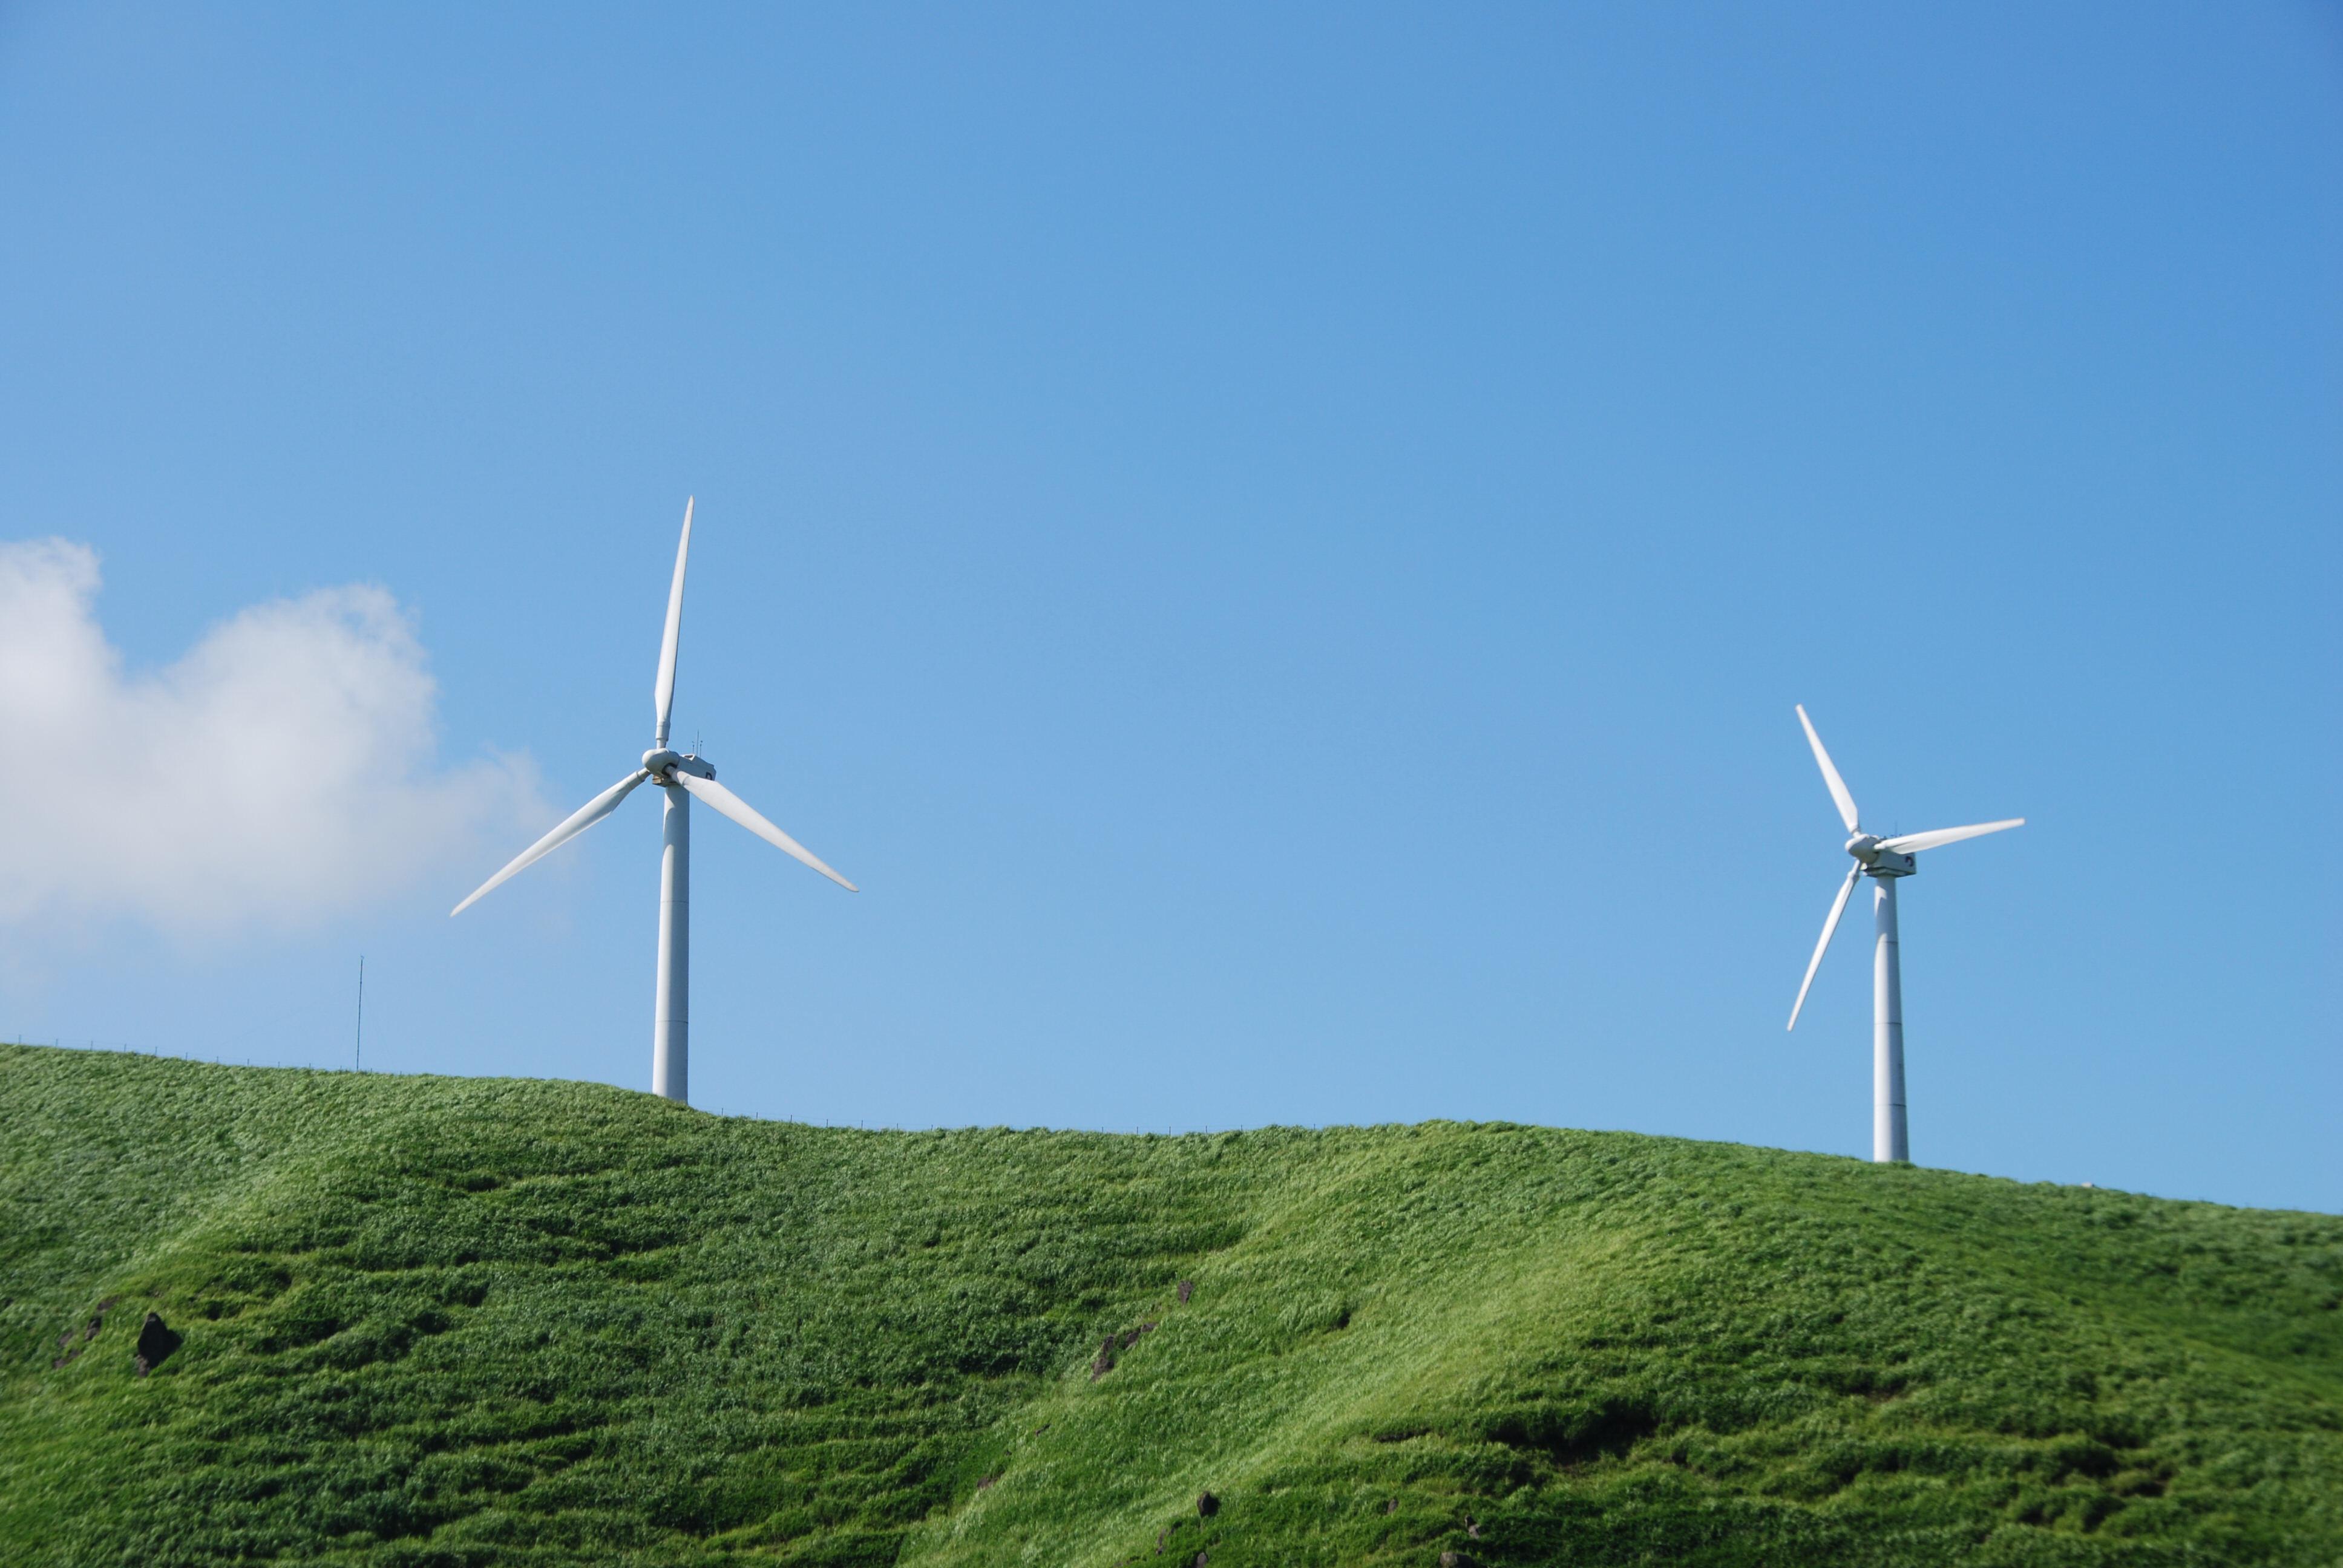 Wind Power Pics File:wind Power Aso01.jpg